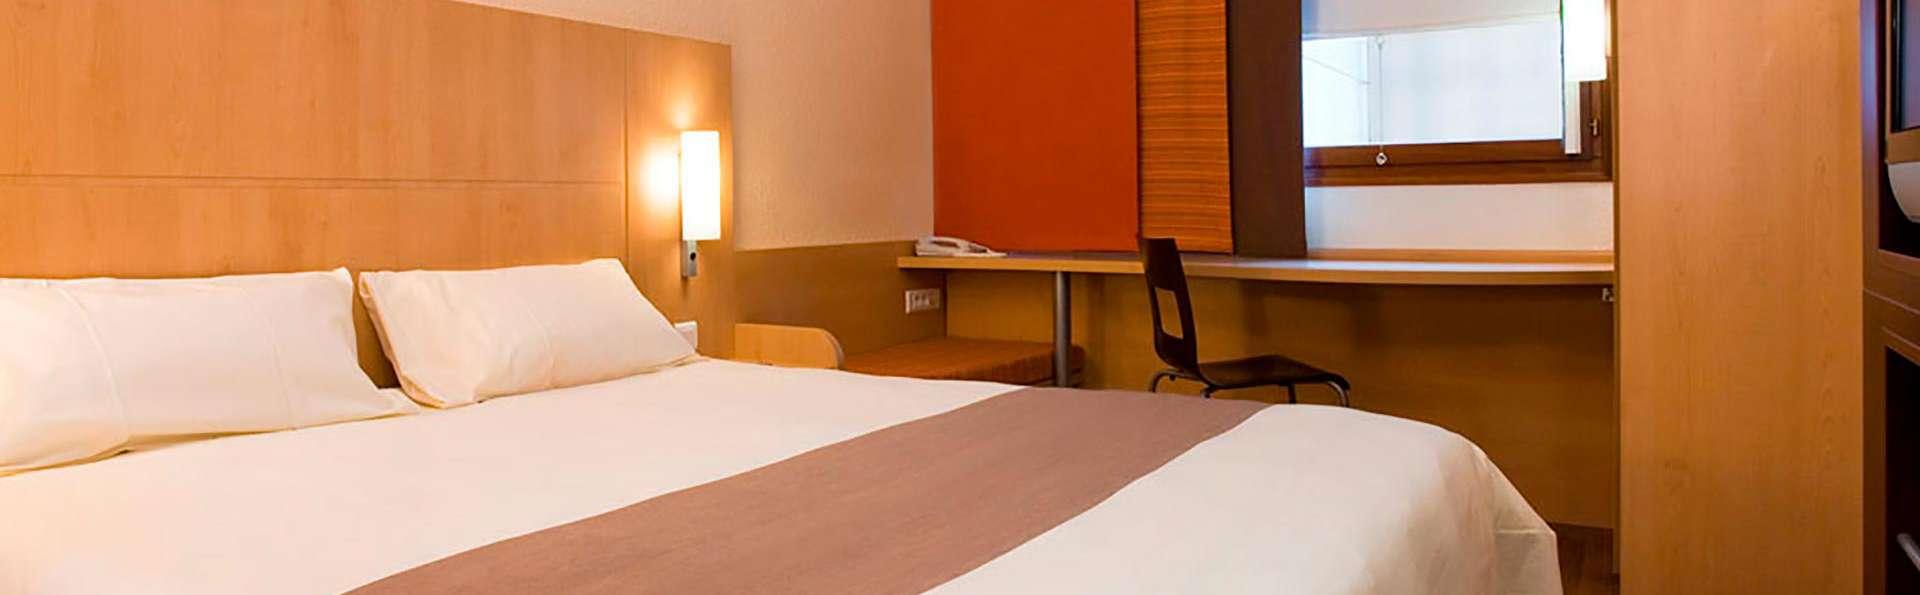 Ibis Sète Balaruc les Bains Bien-être et Spa - EDIT_room.jpg